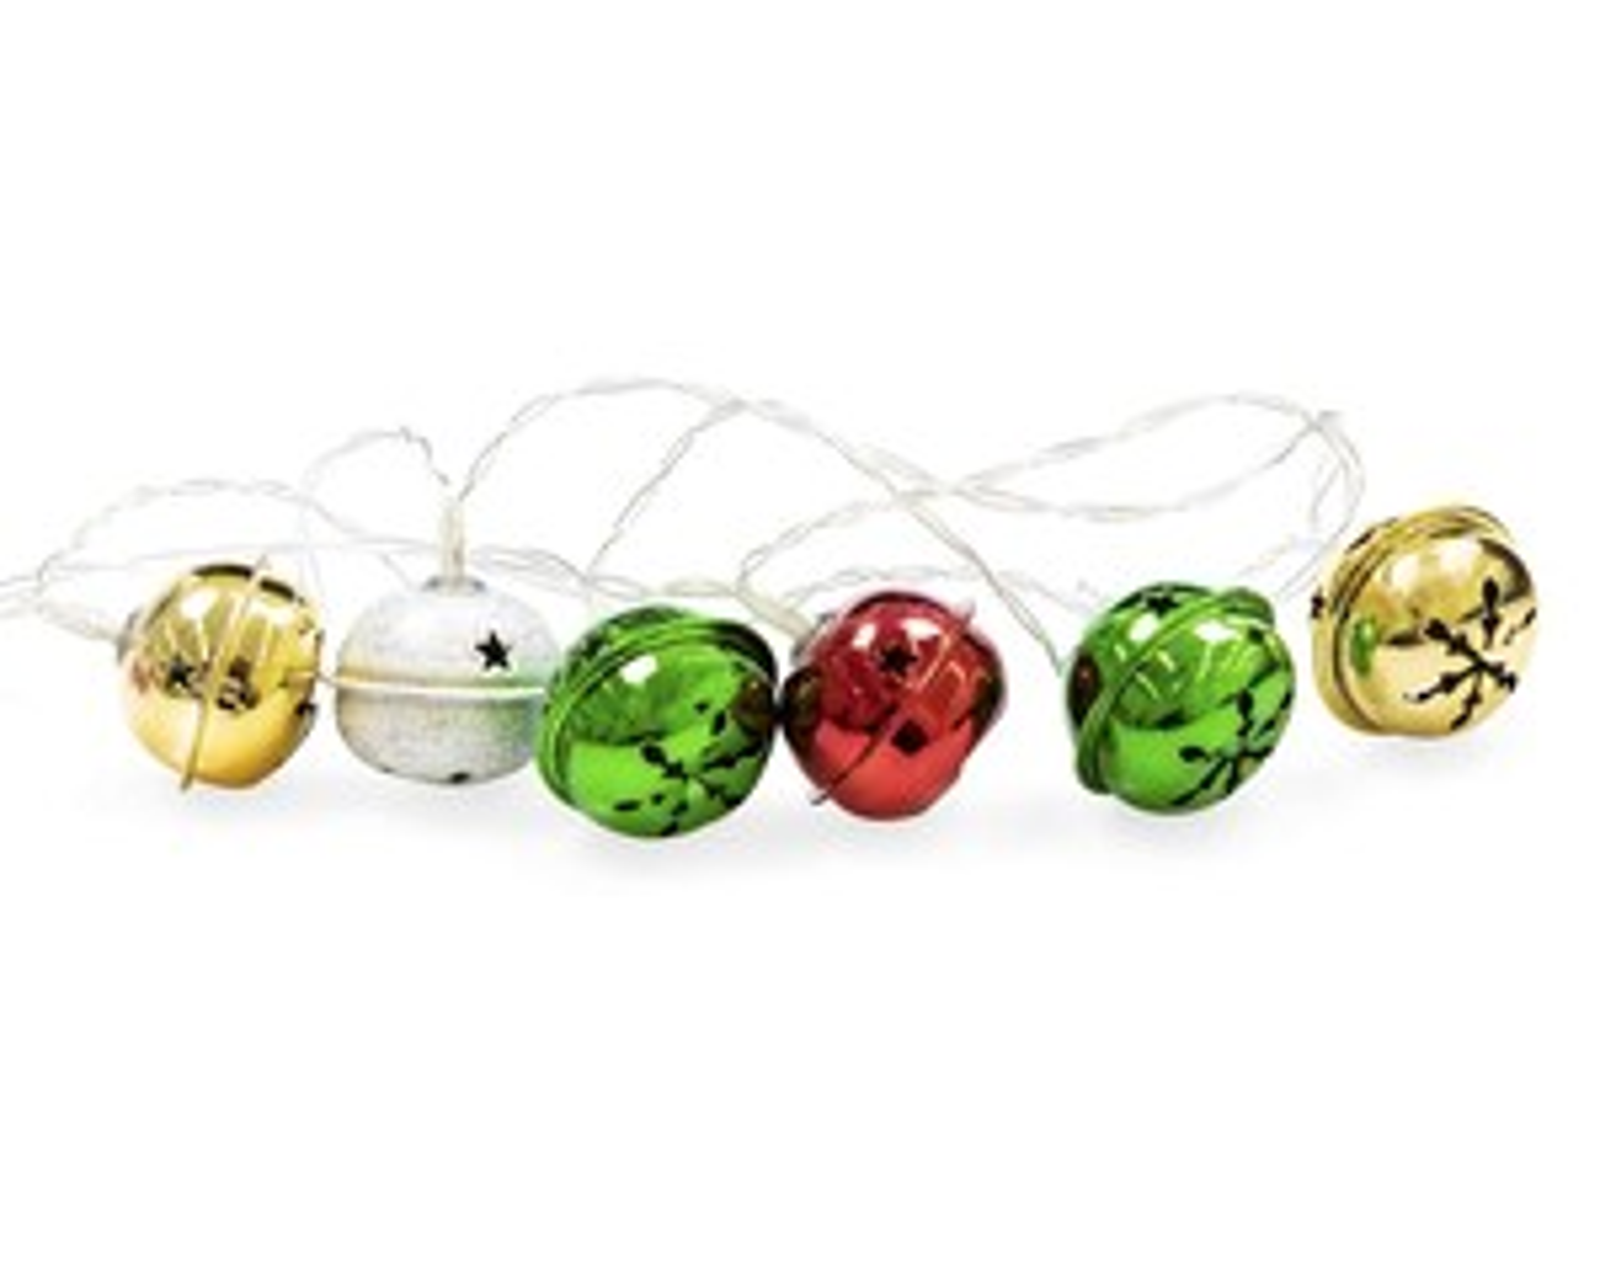 Luces de Navidad Multicolor con 6 Luces marca Starhaus